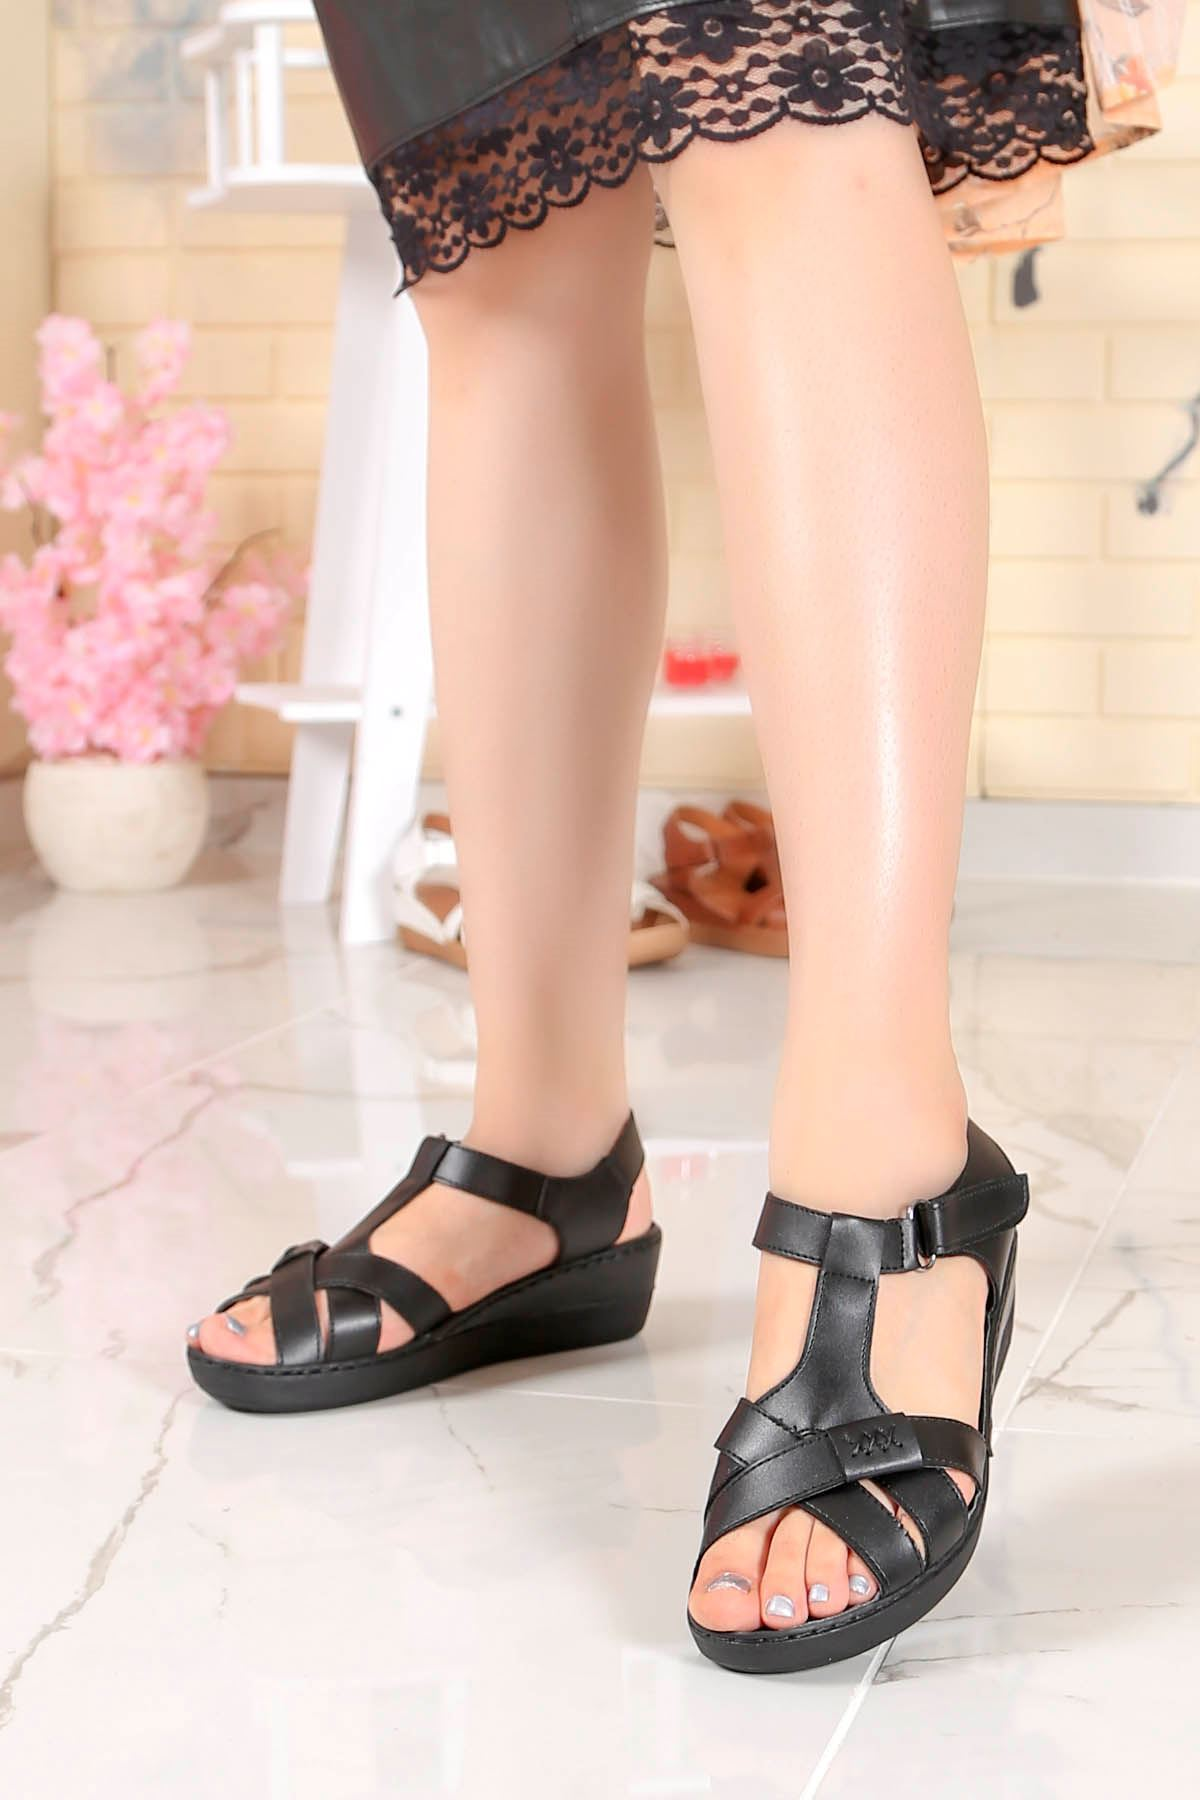 My-Fit-18 Dolgu Taban Sandalet Siyah Deri